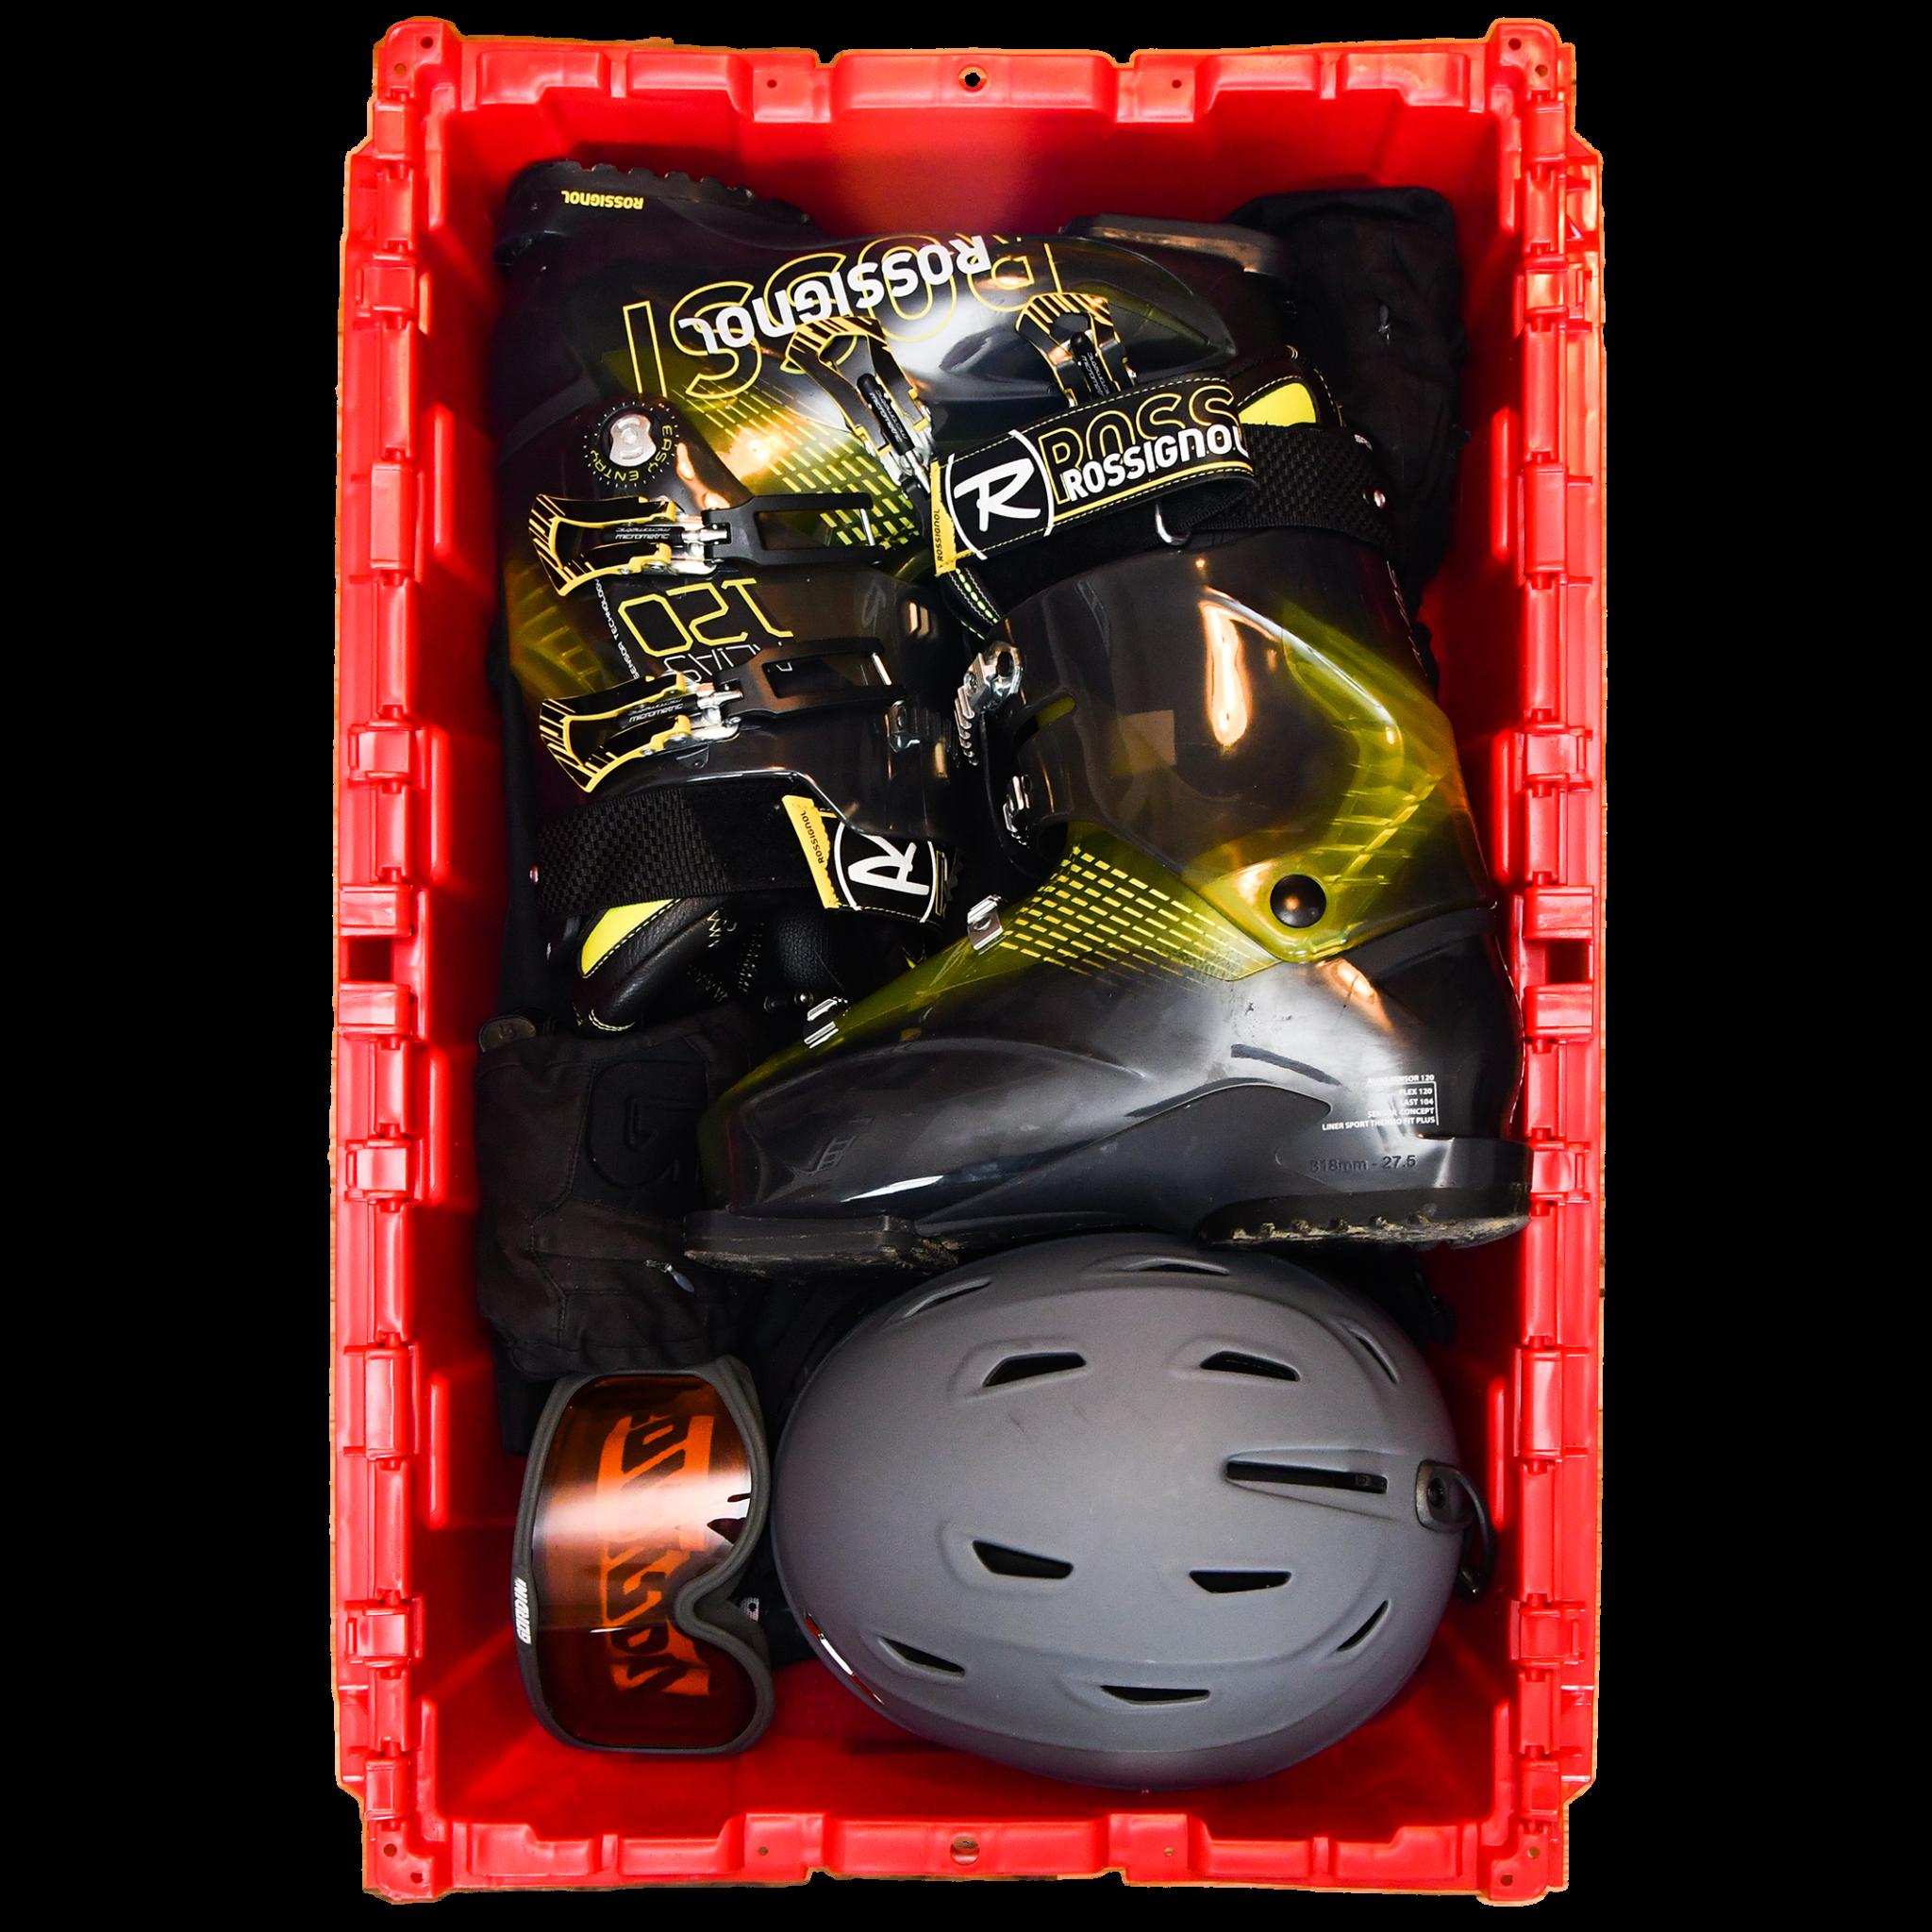 Ski_Box